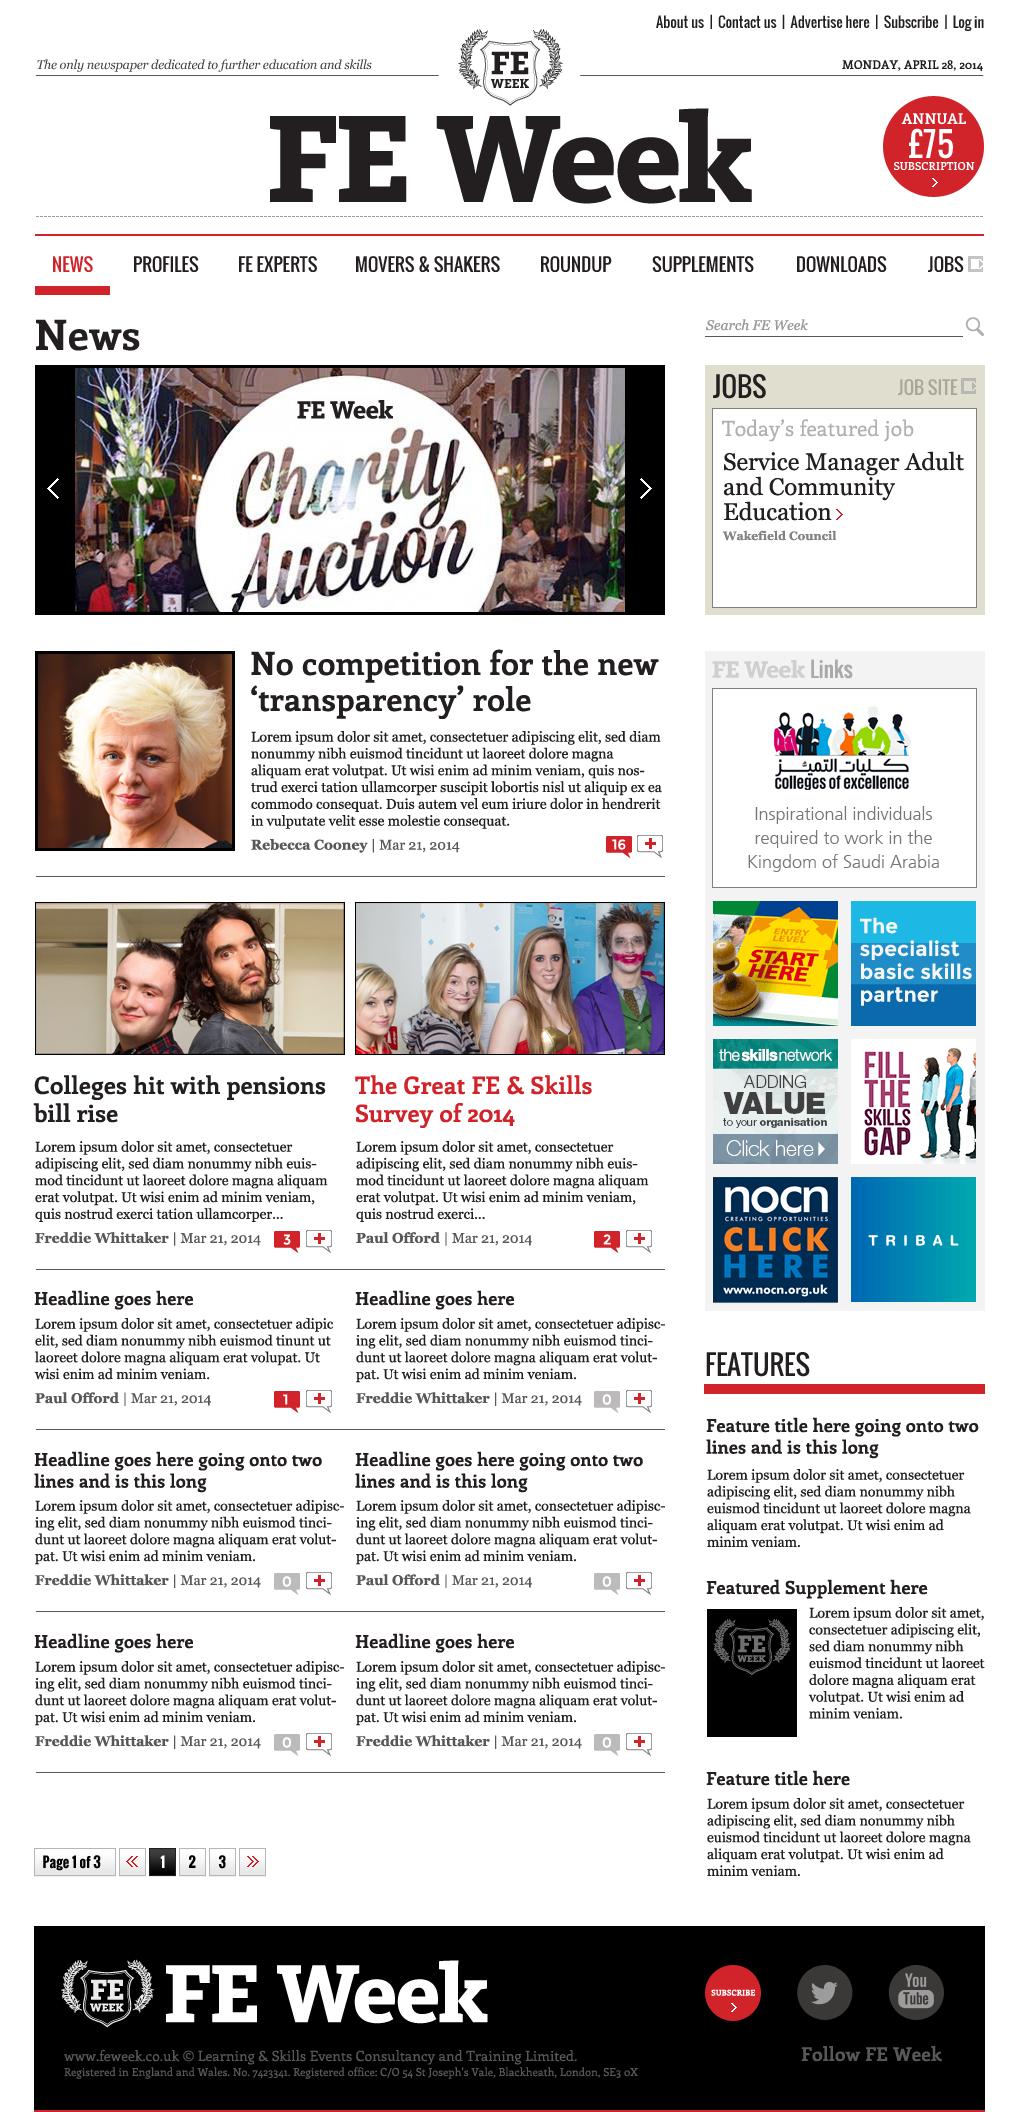 FE Week homepage